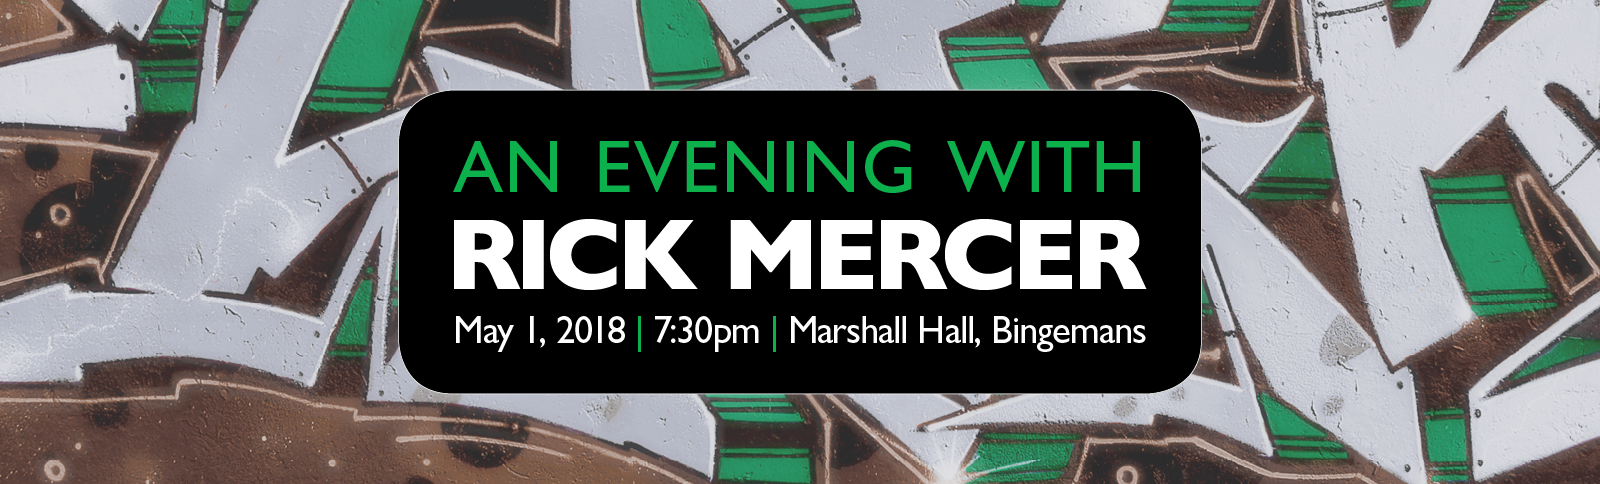 An Evening with Rick Mercer